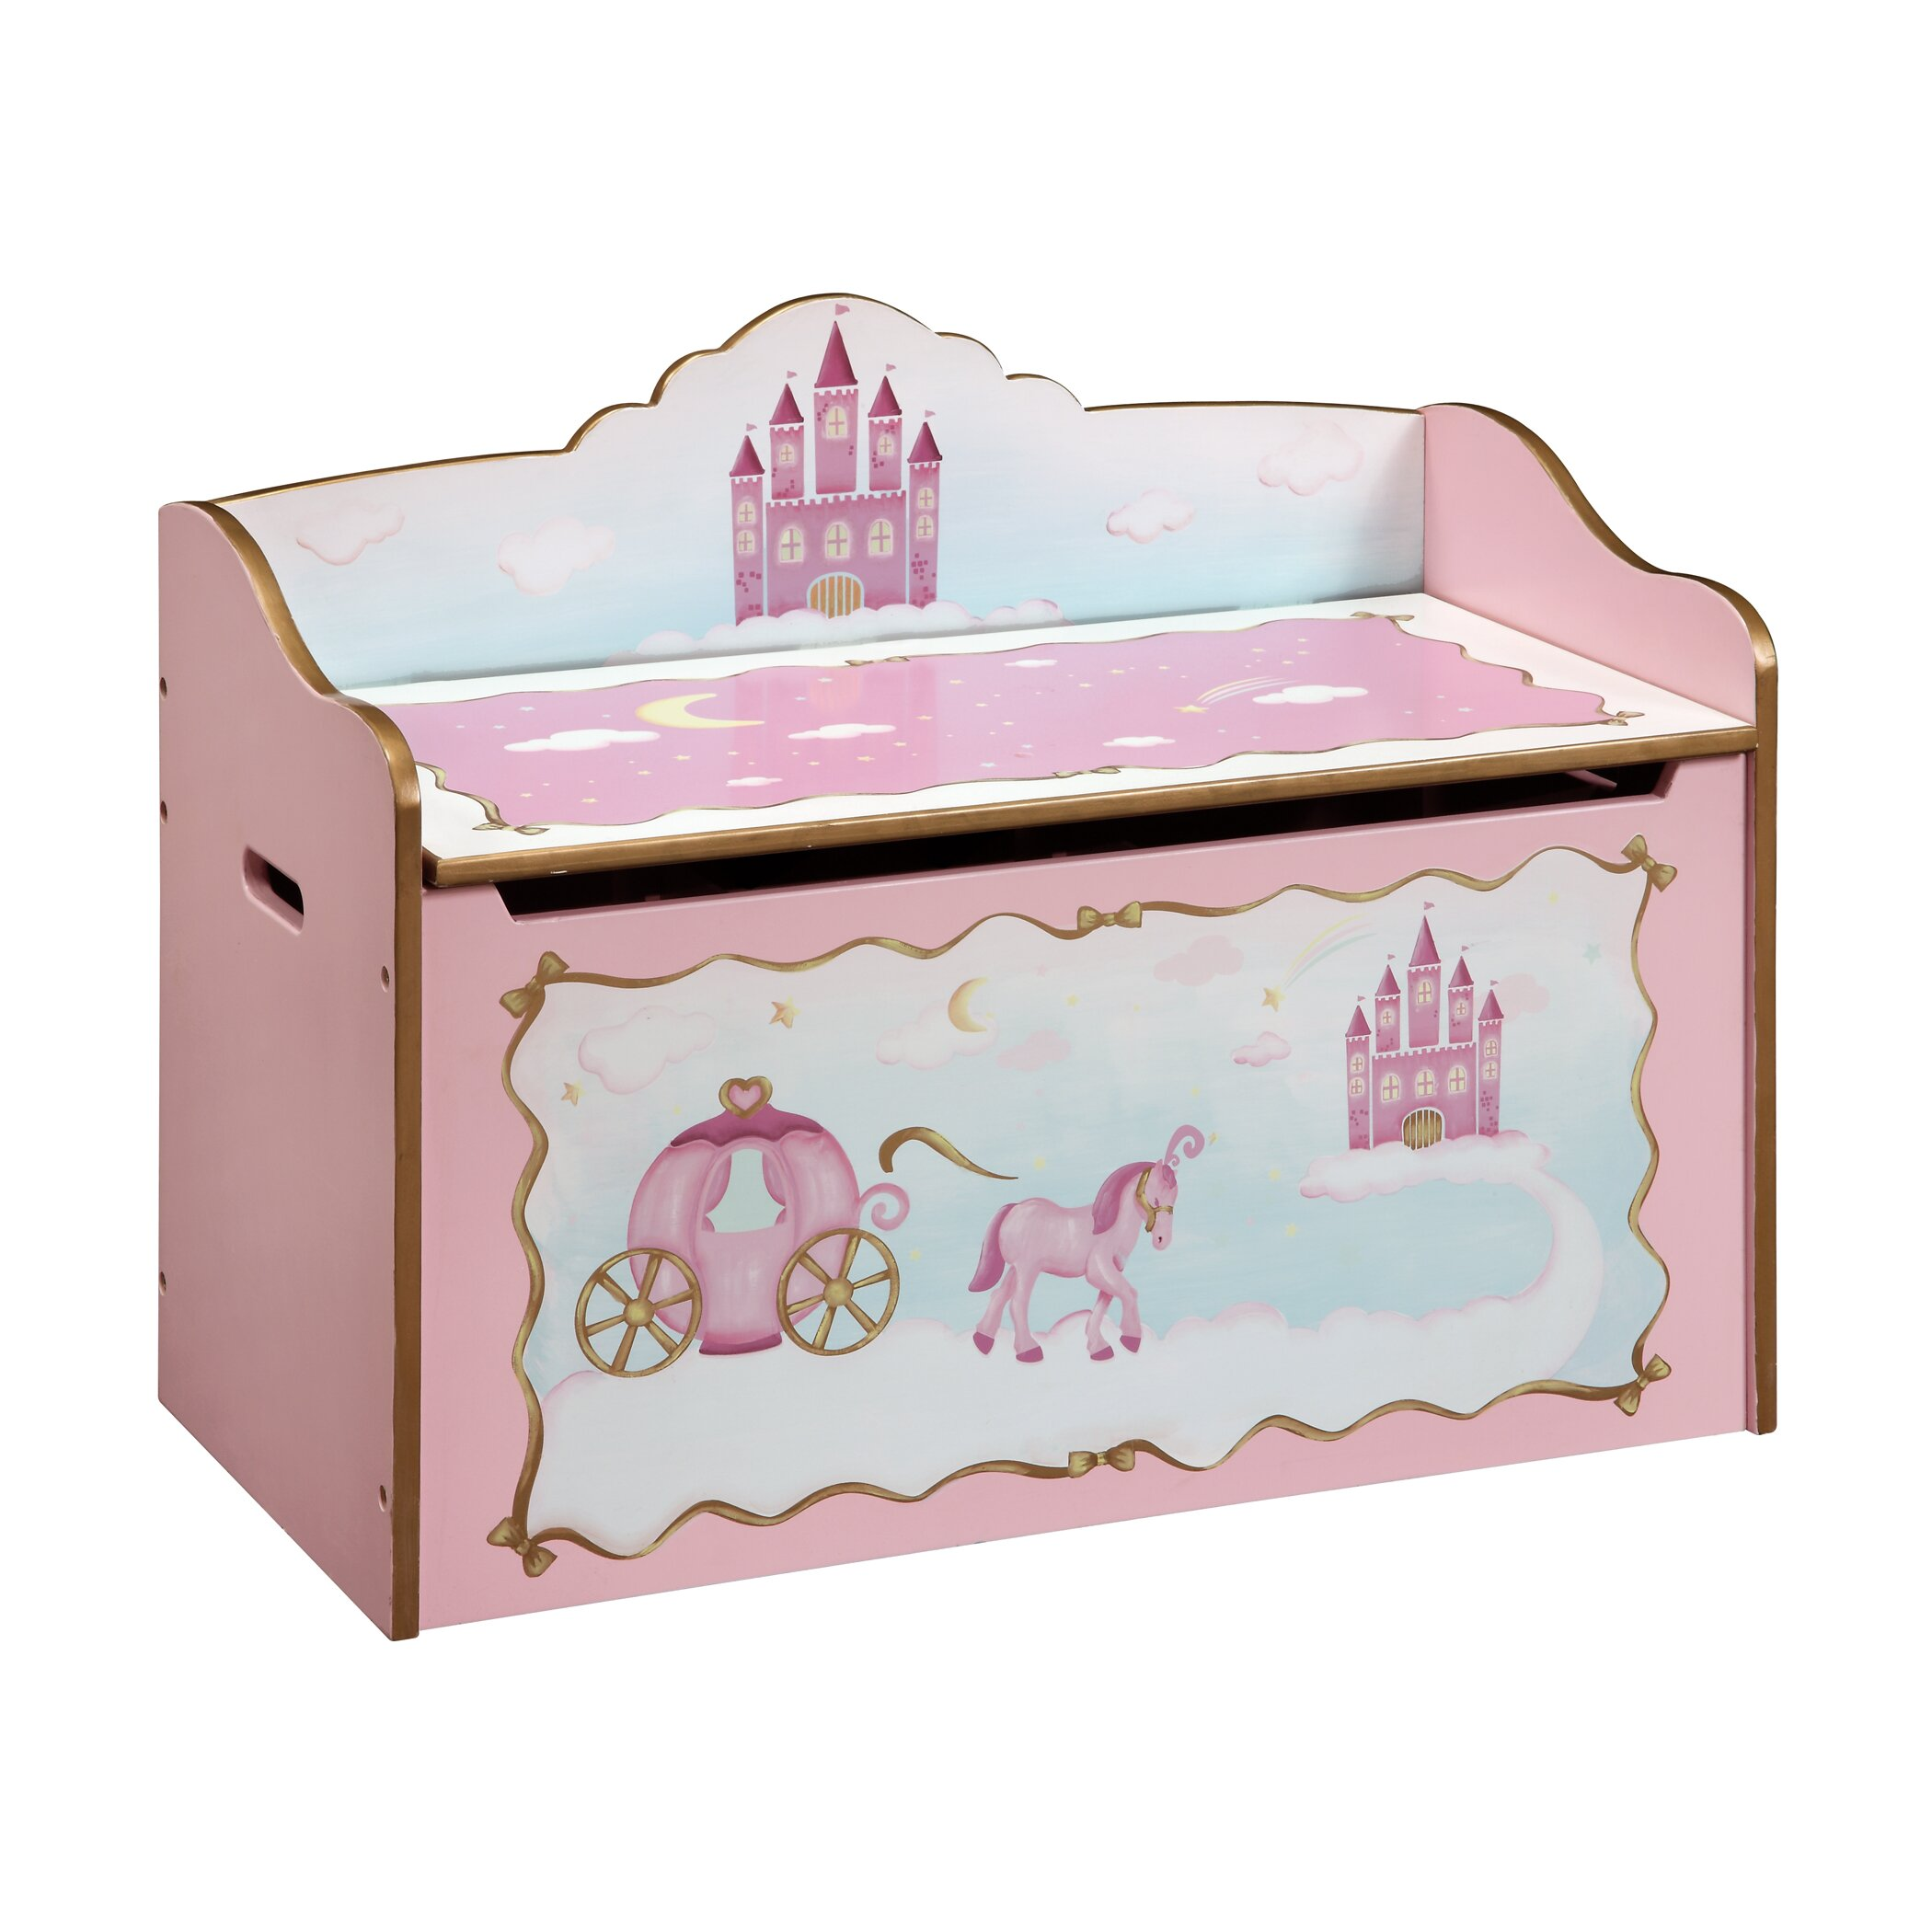 Guidecraft Princess Toy Box Amp Reviews Wayfair